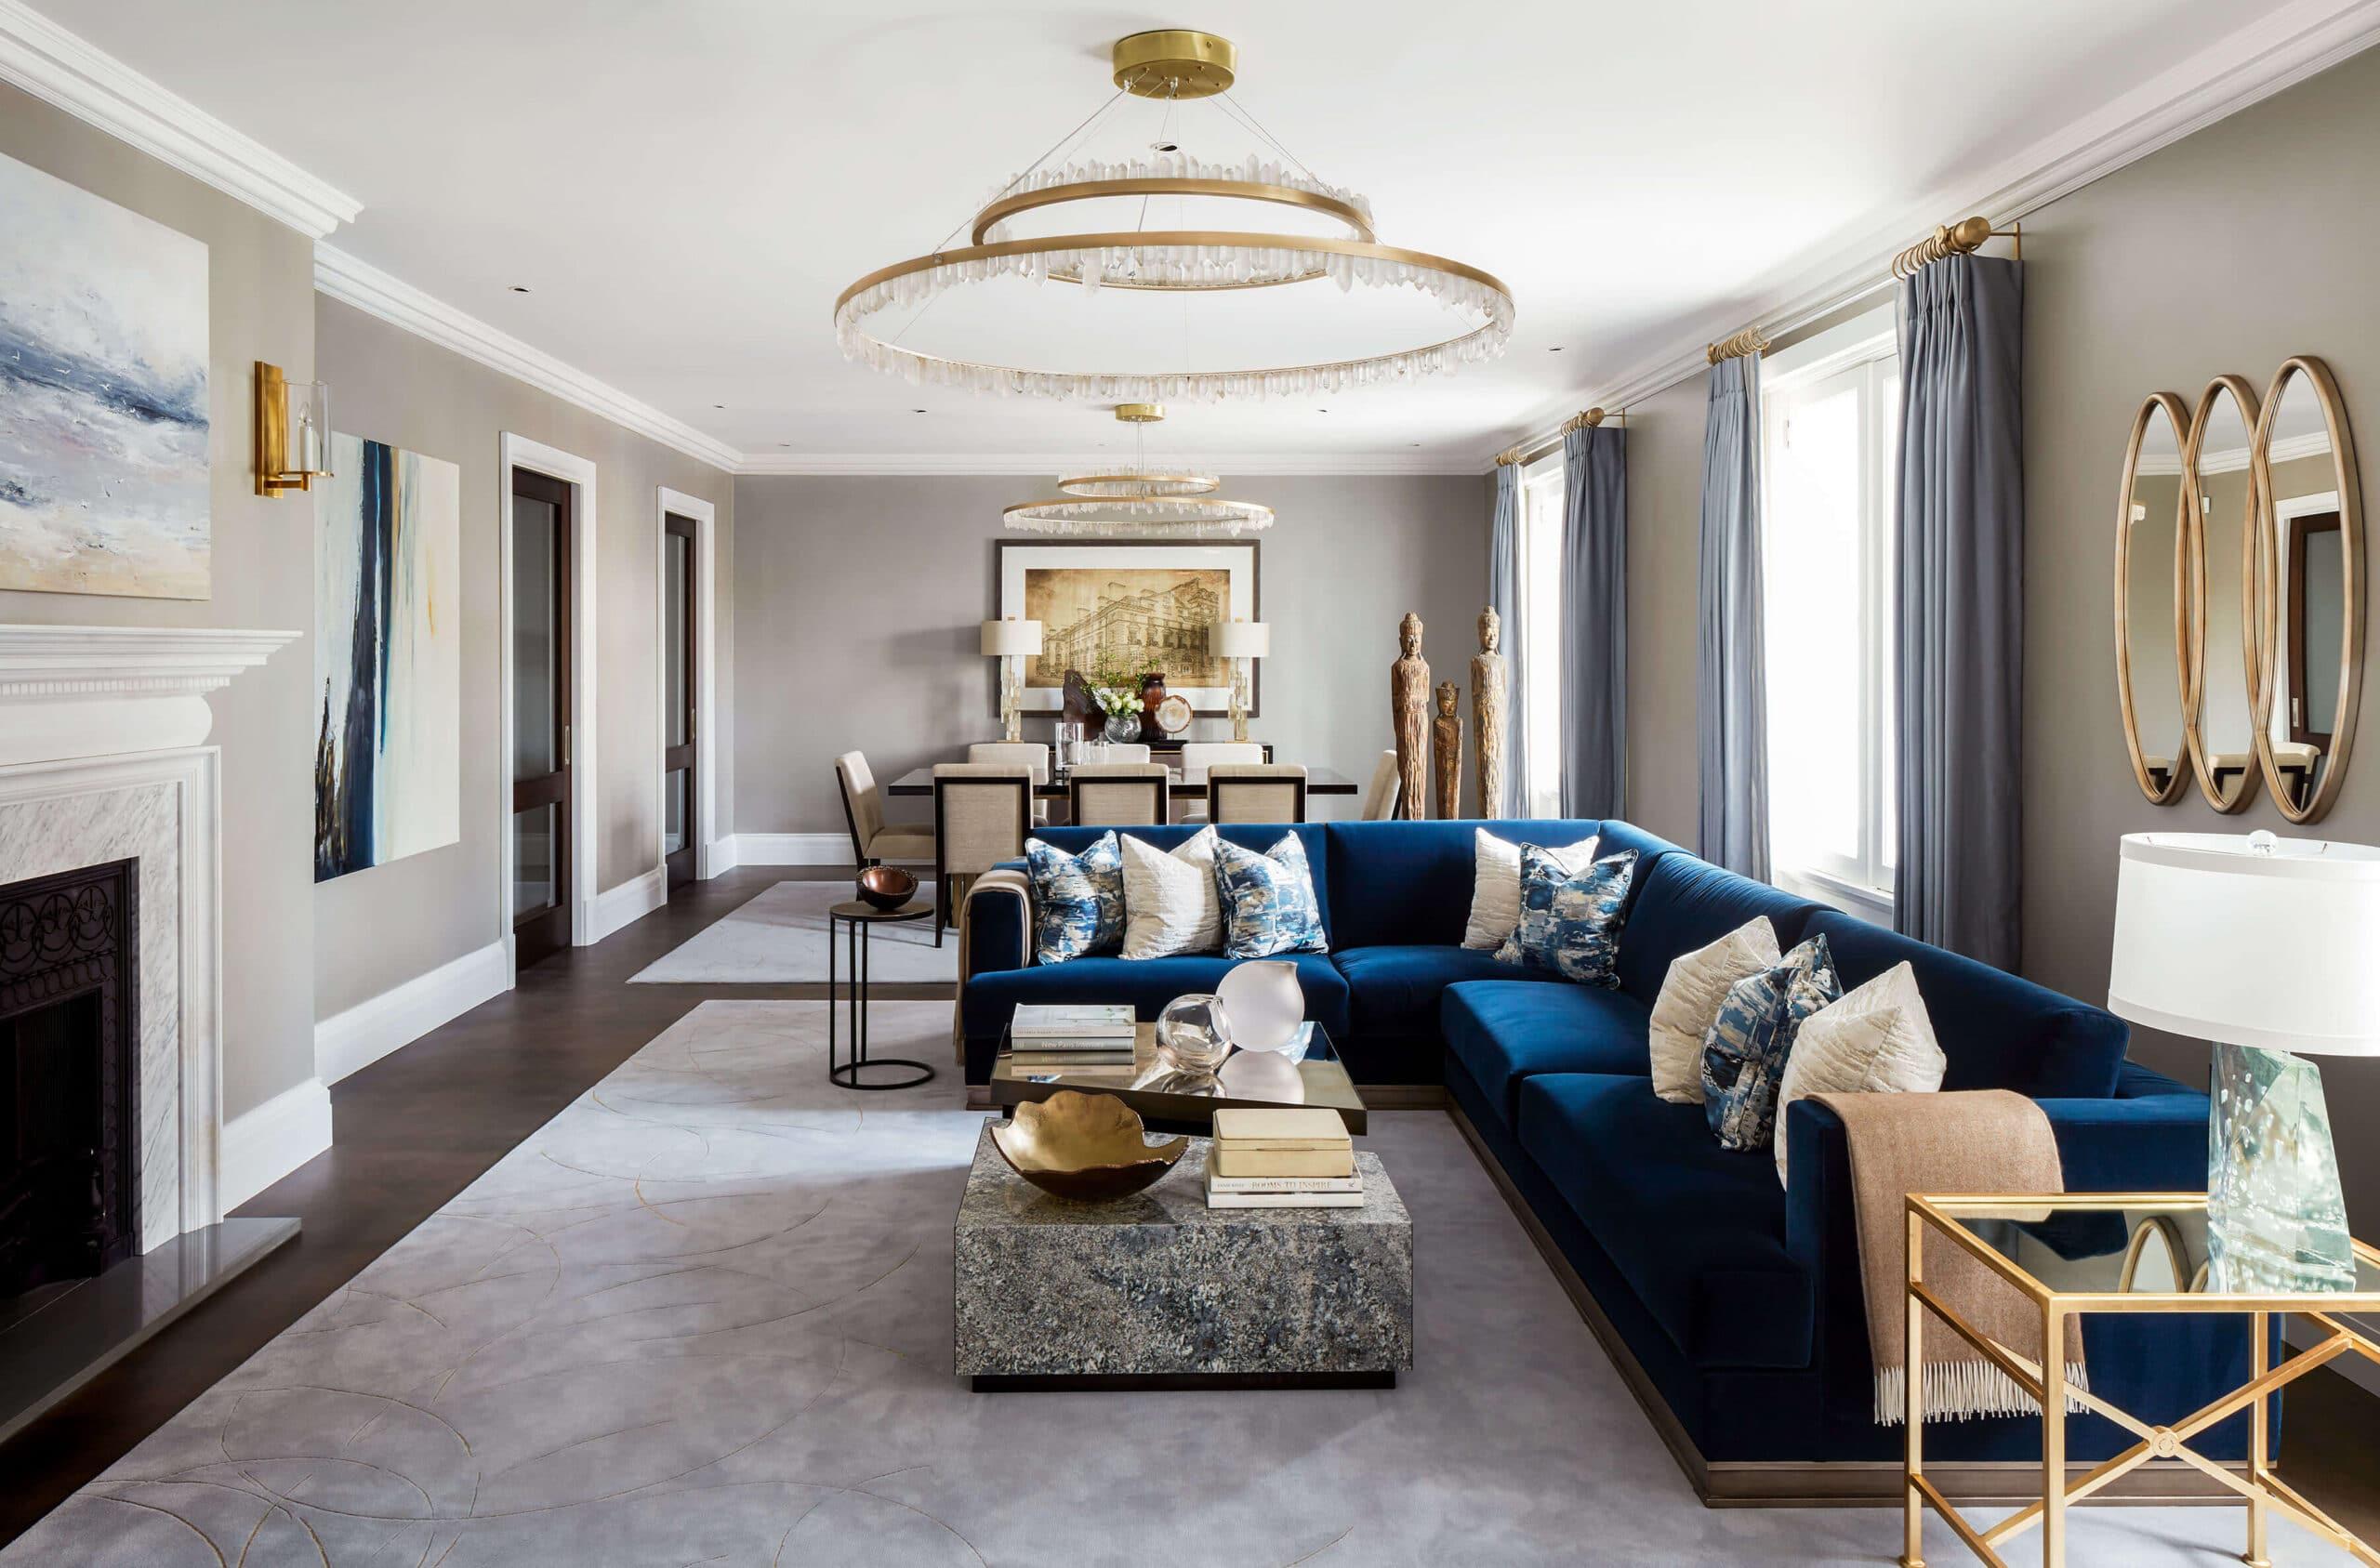 interior designer westminster st james' project